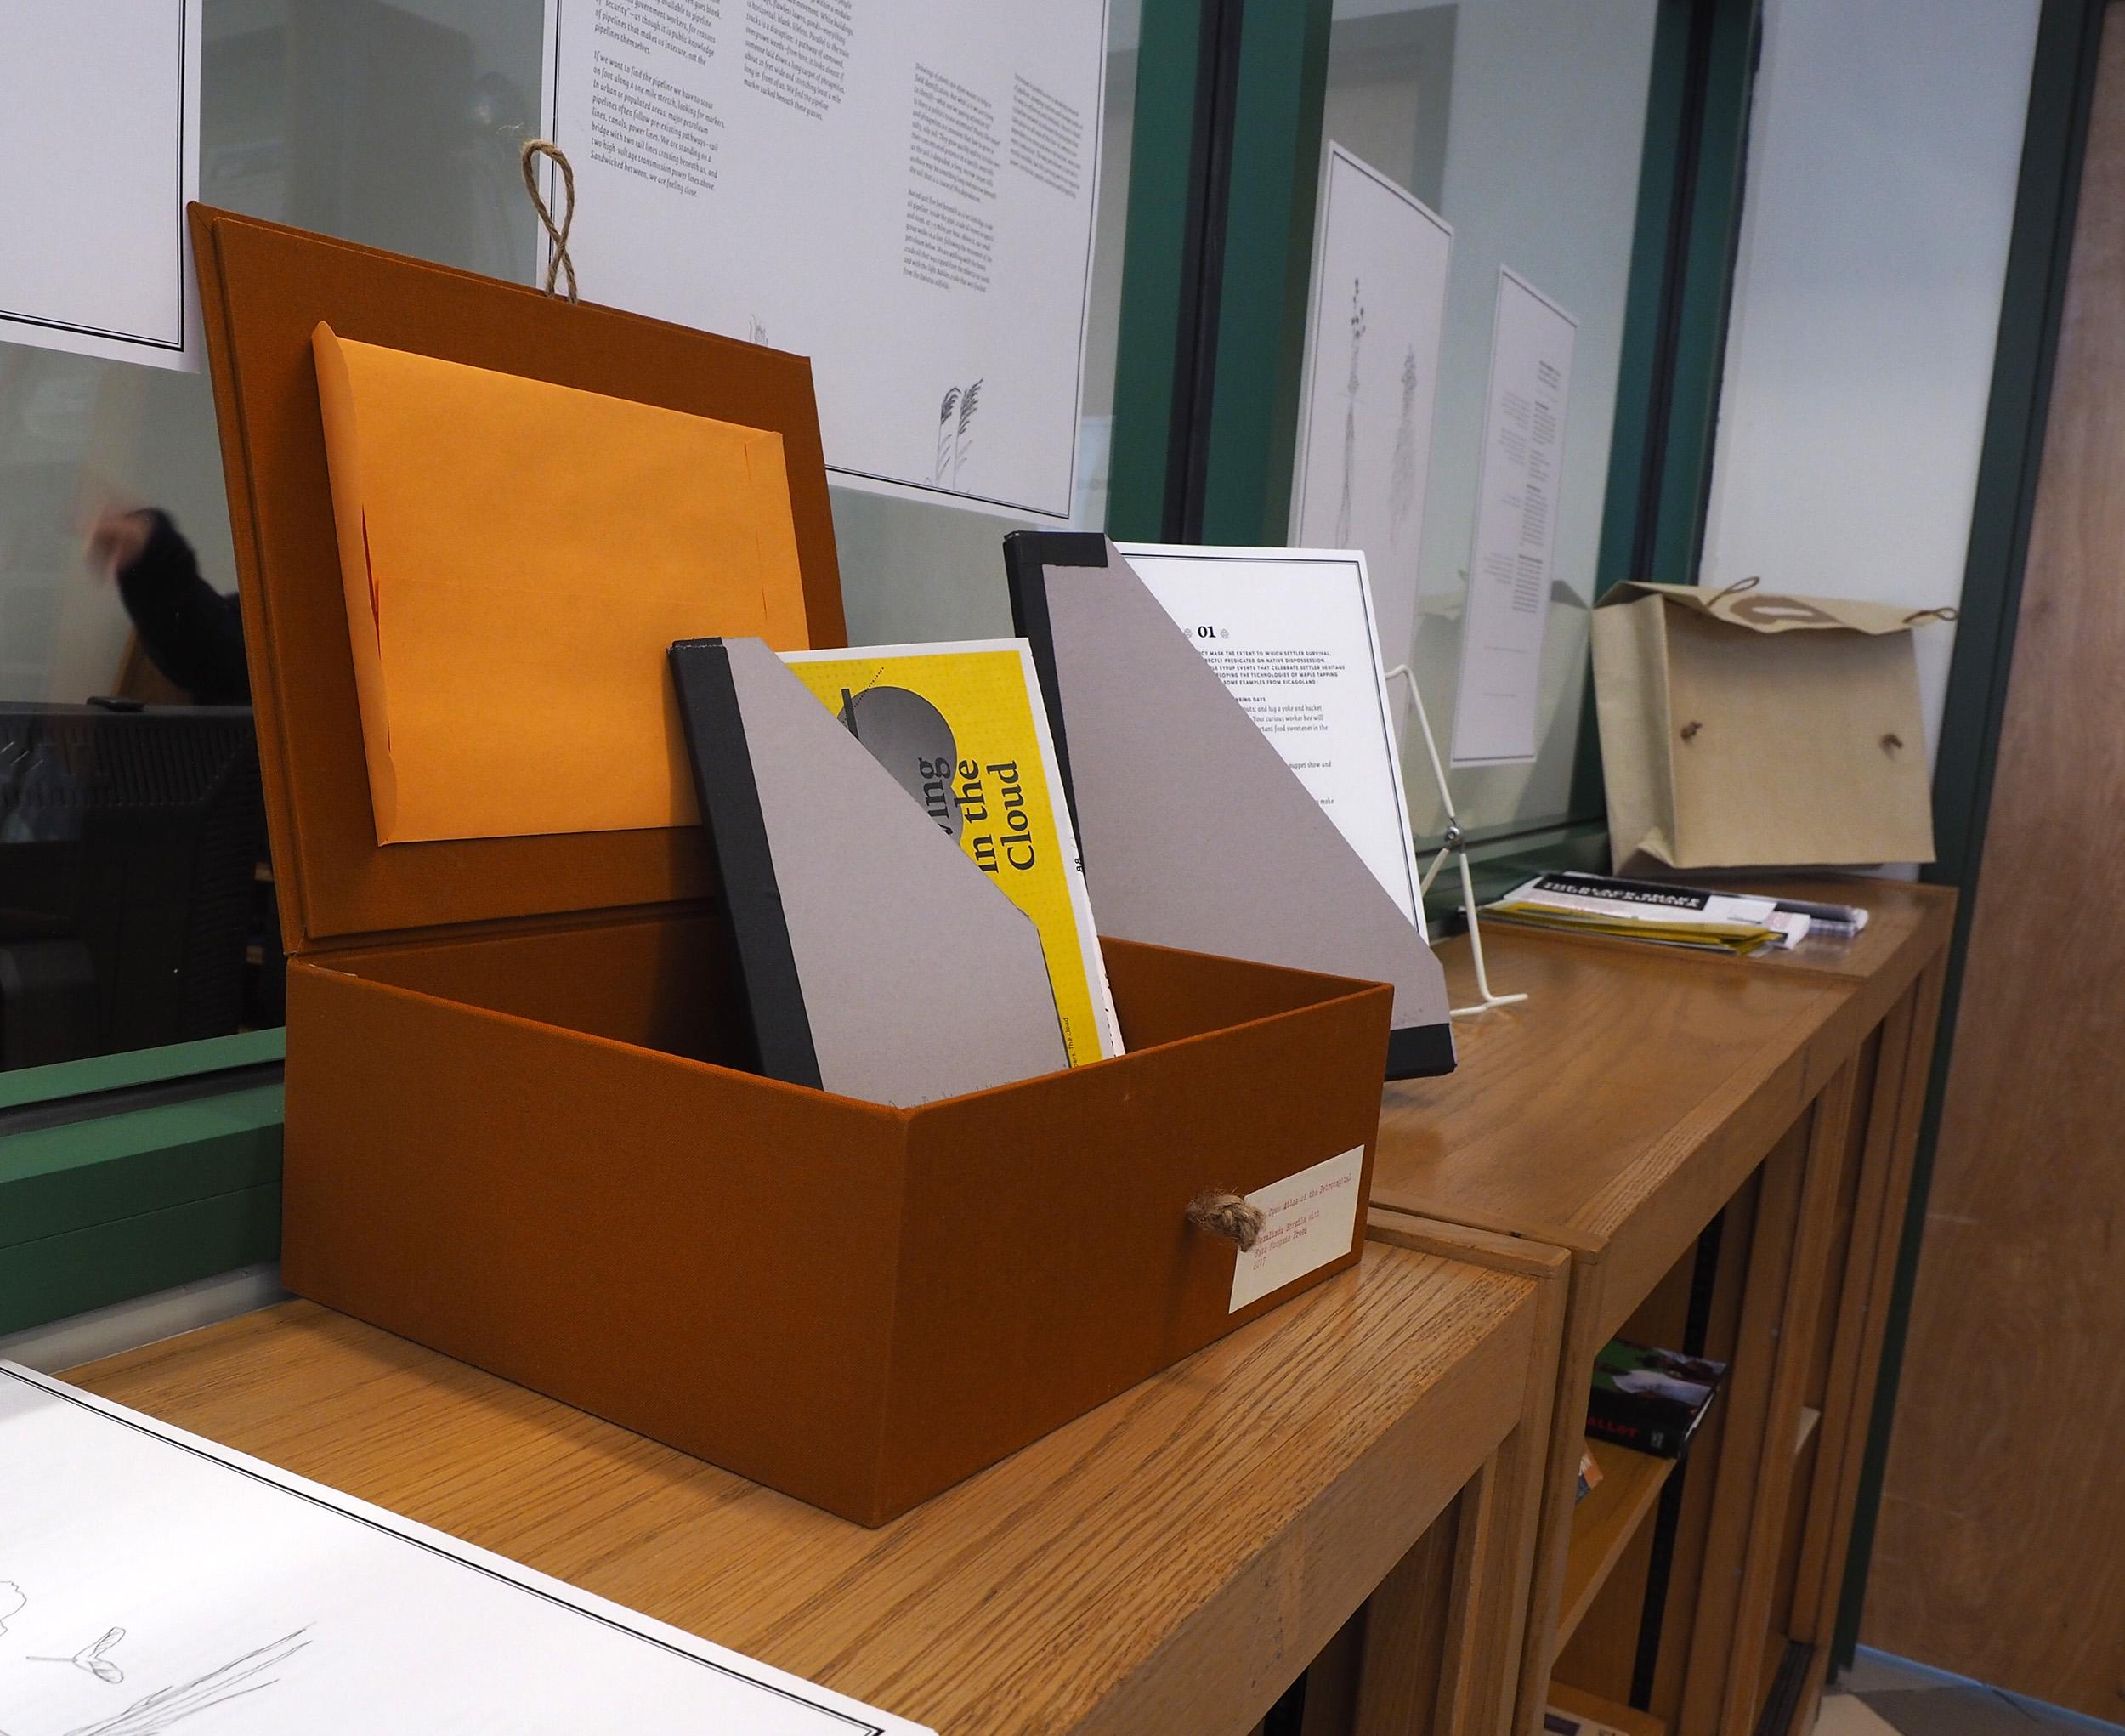 RB_Box-Folio_Library_1.jpg